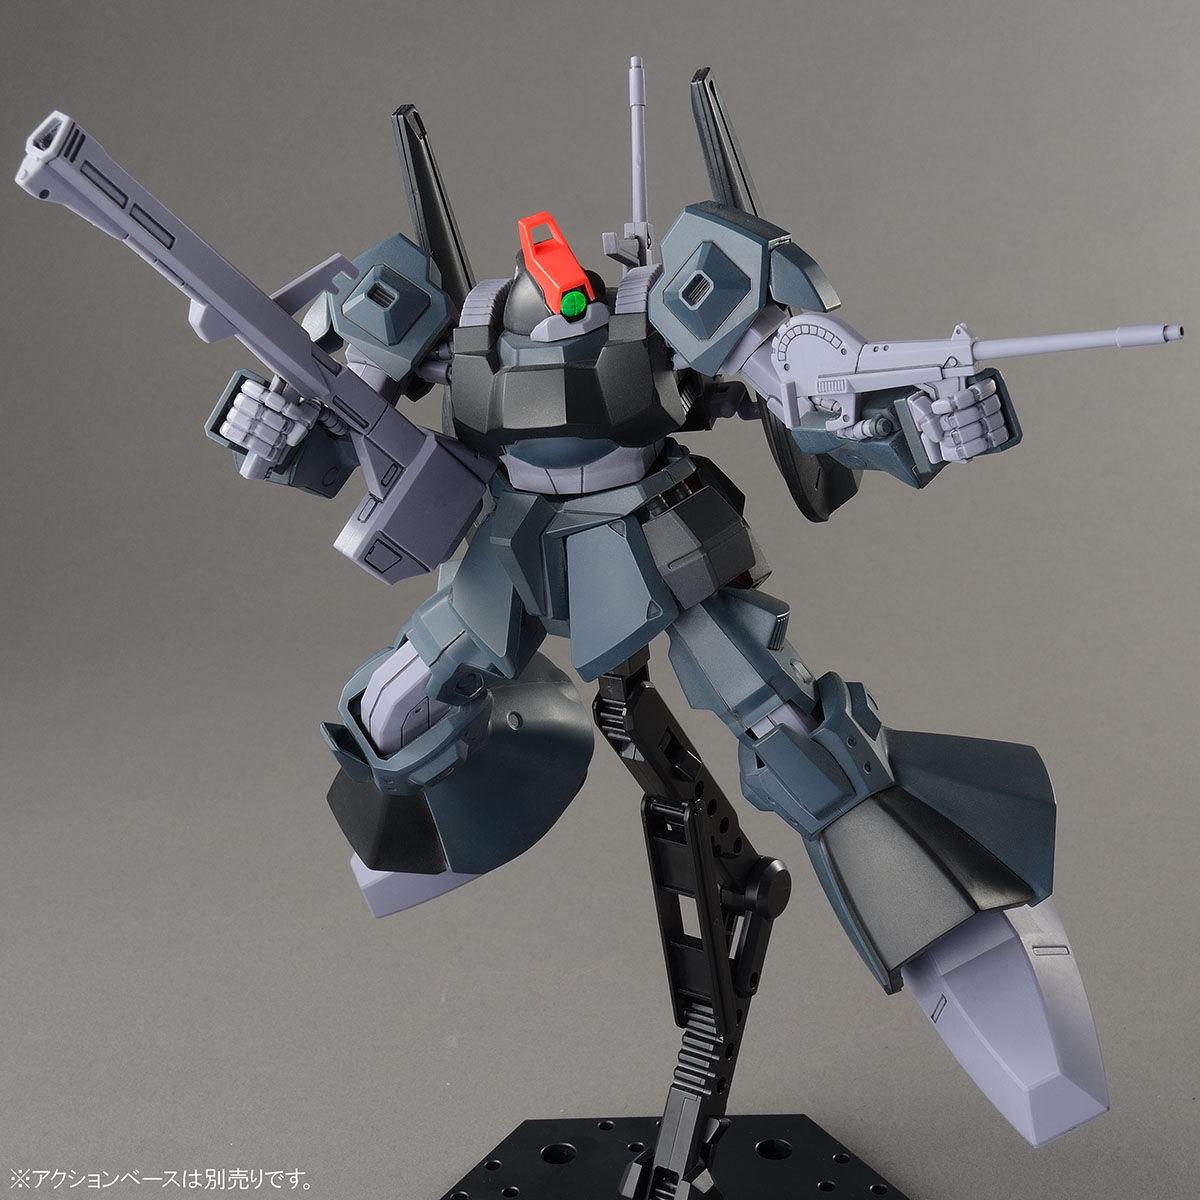 【限定販売】HG 1/144『リック・ディアス』機動戦士Zガンダム プラモデル-004